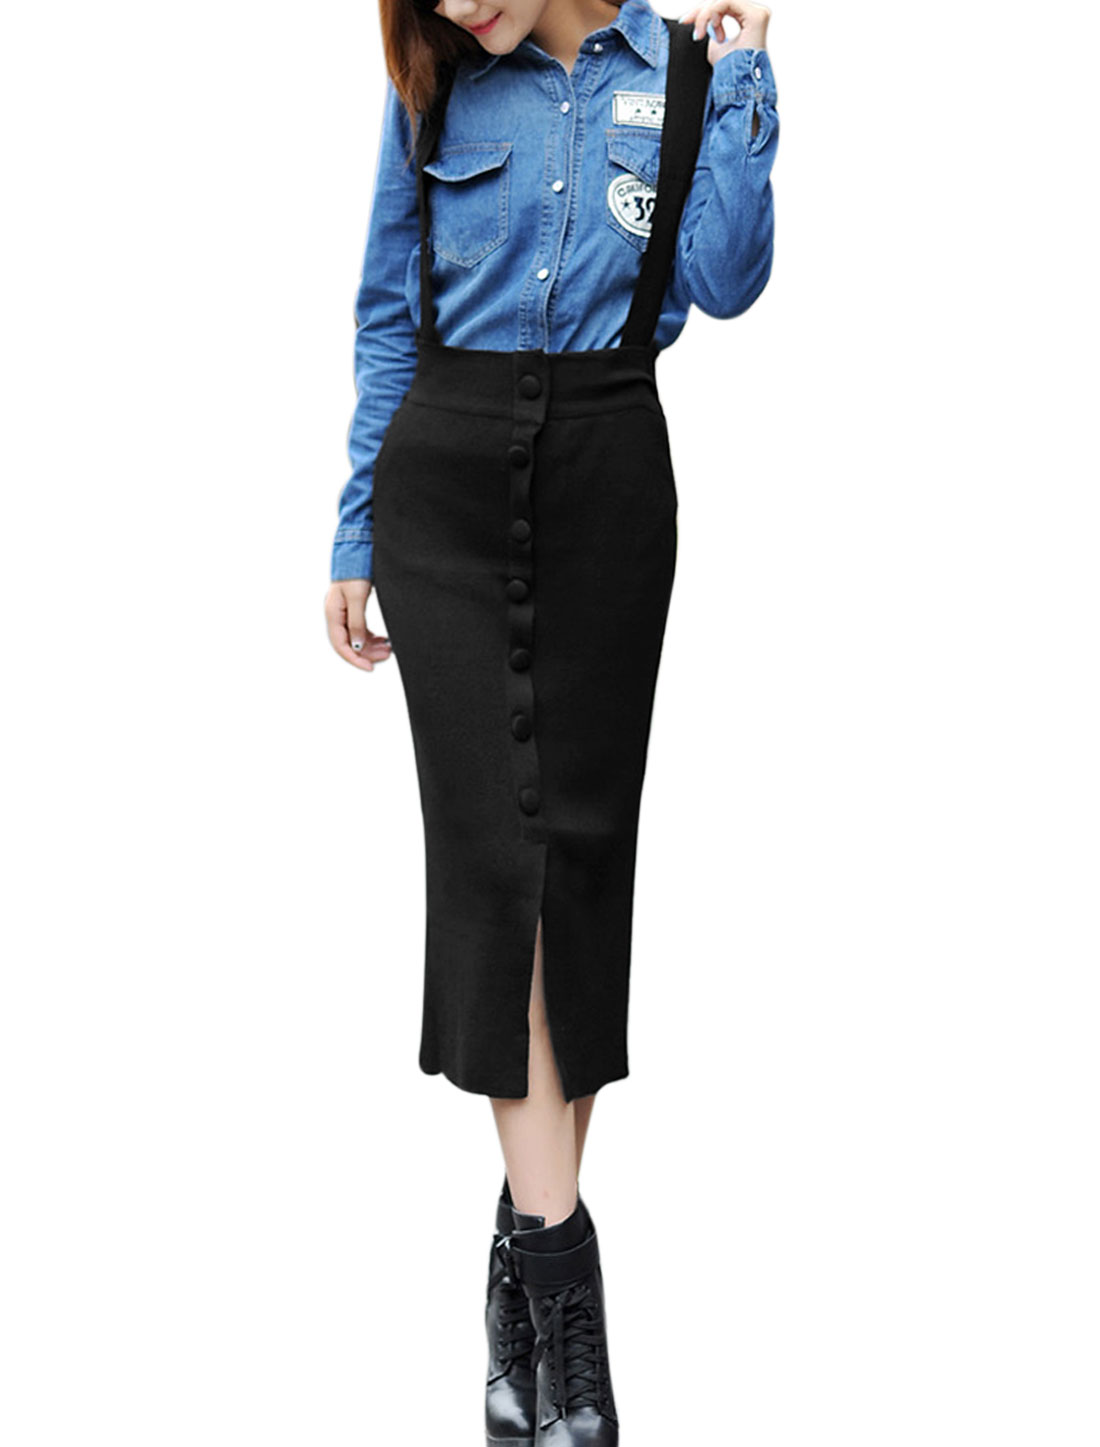 Women High Waist Button Decor Front Knit Suspender Skirt Black XS